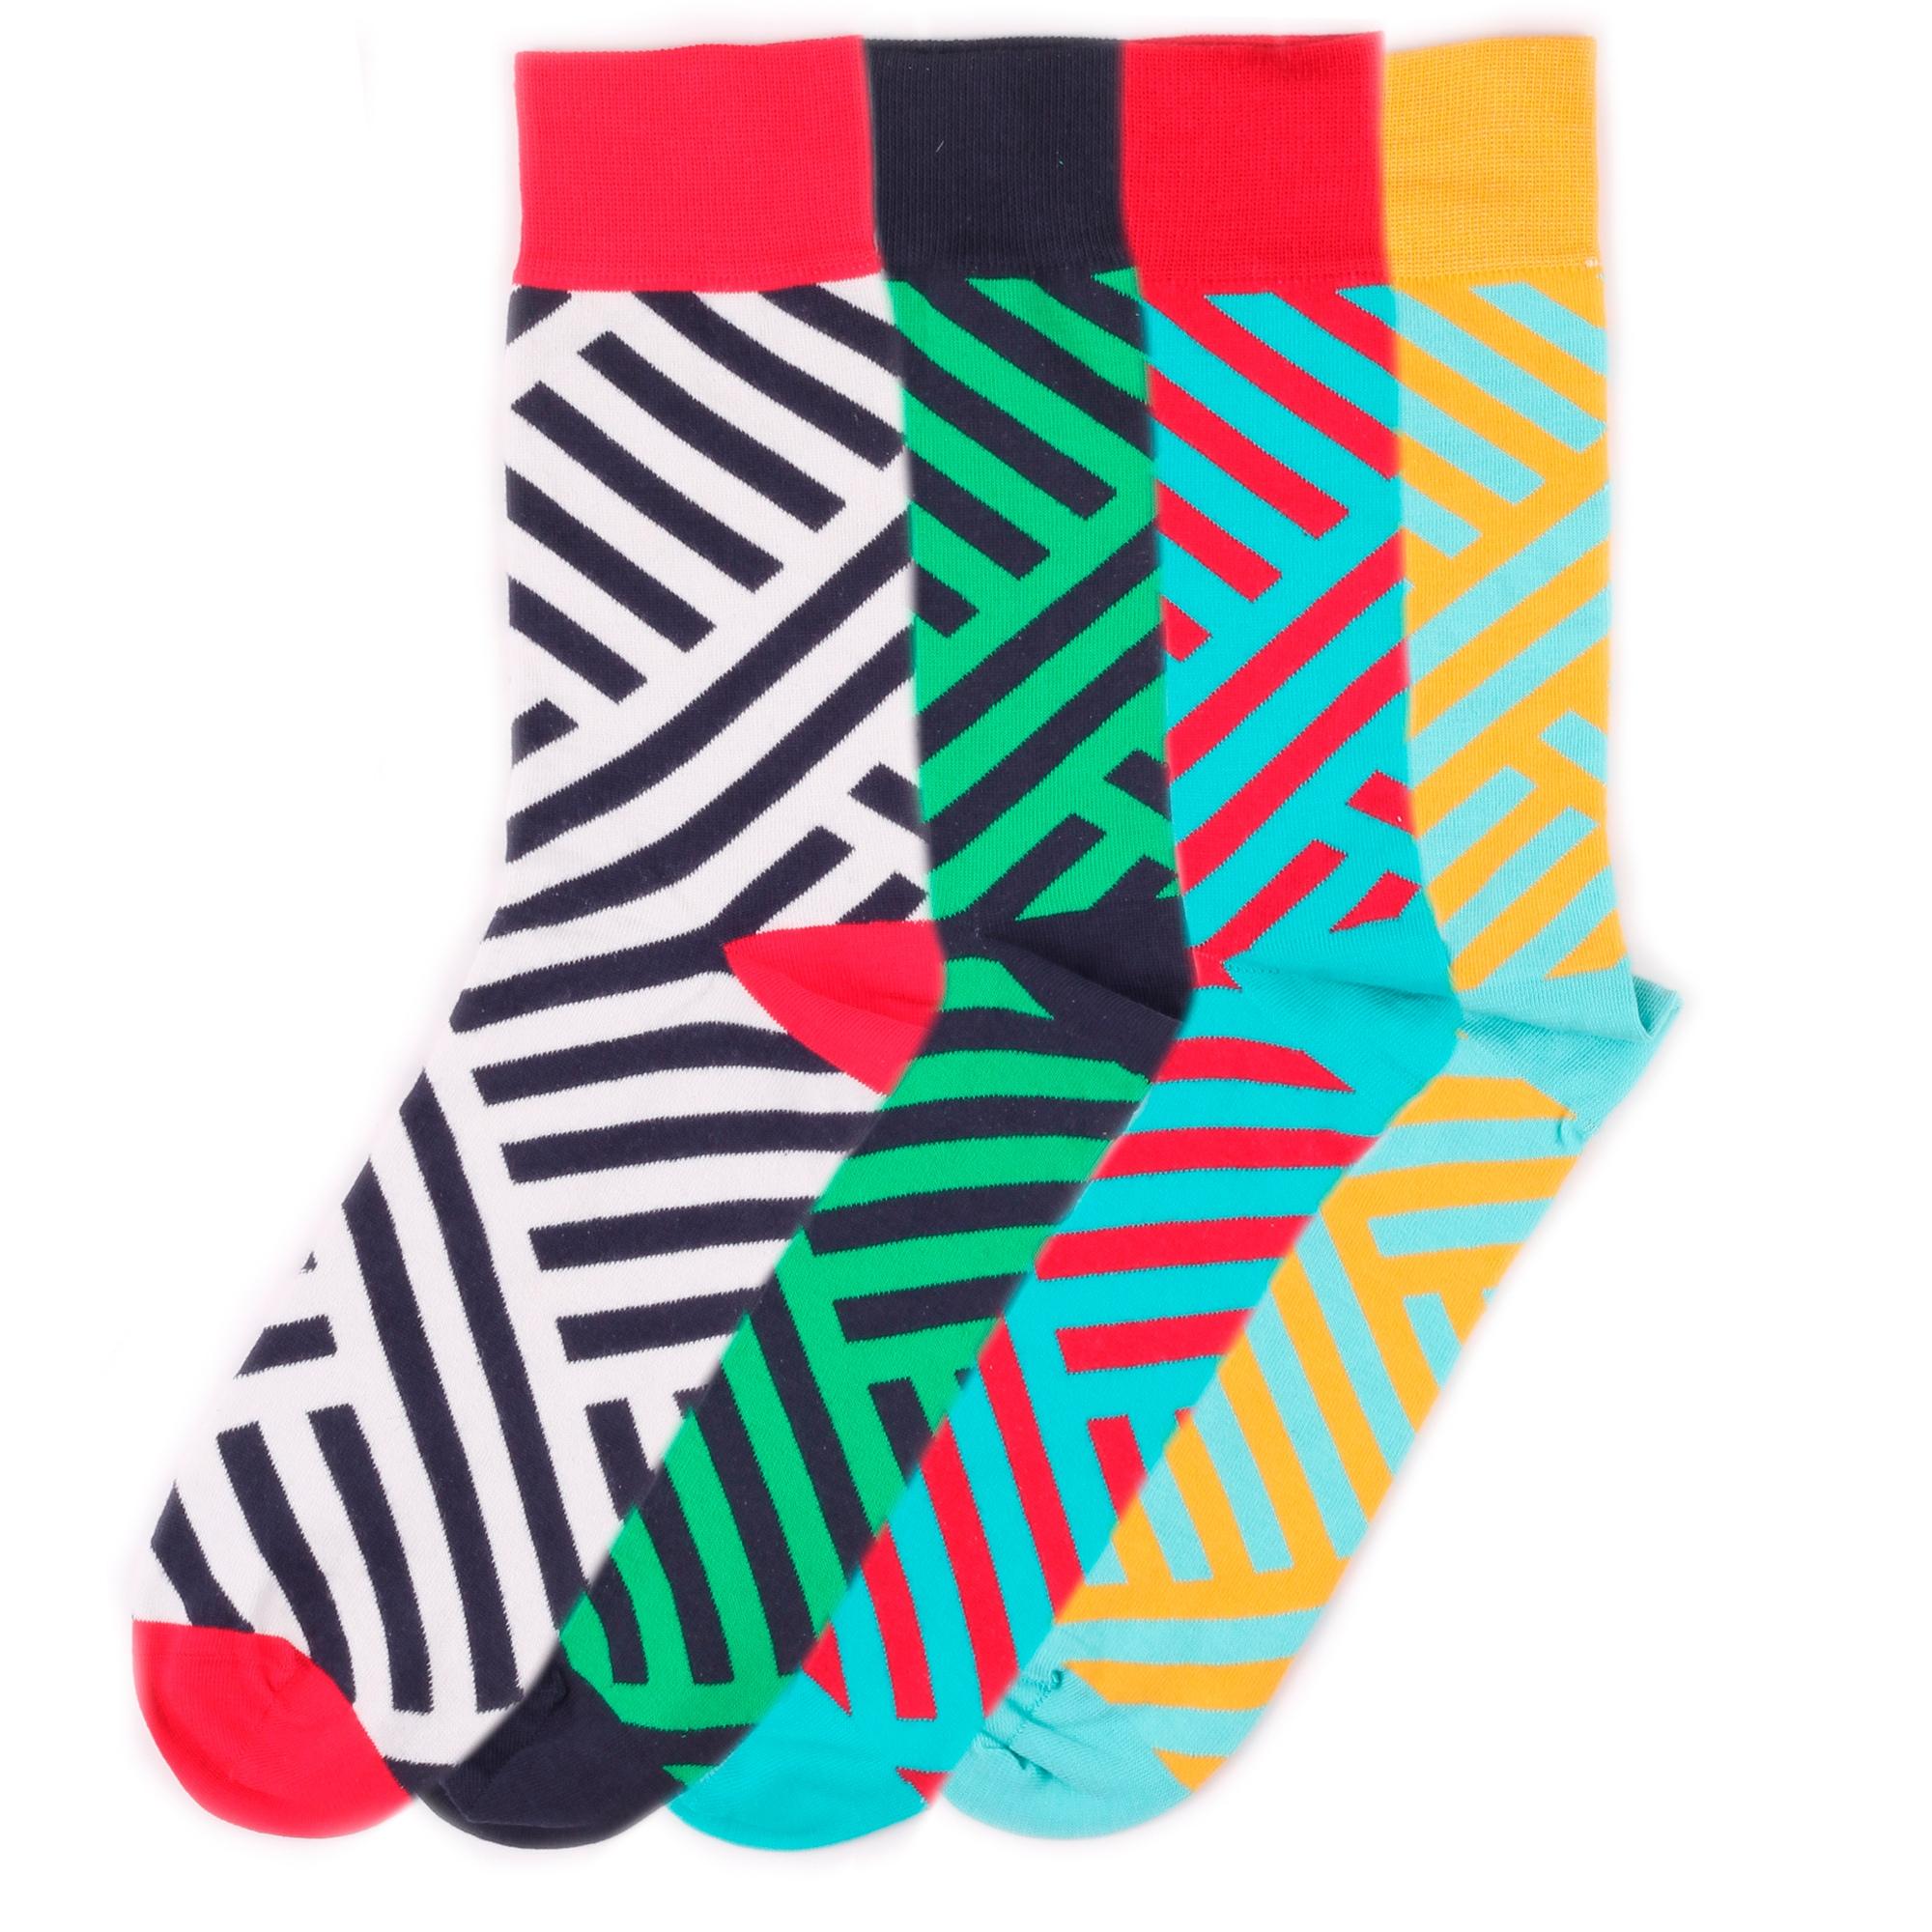 Набор носков Burning heels Diag Stripes разноцветный 36-38